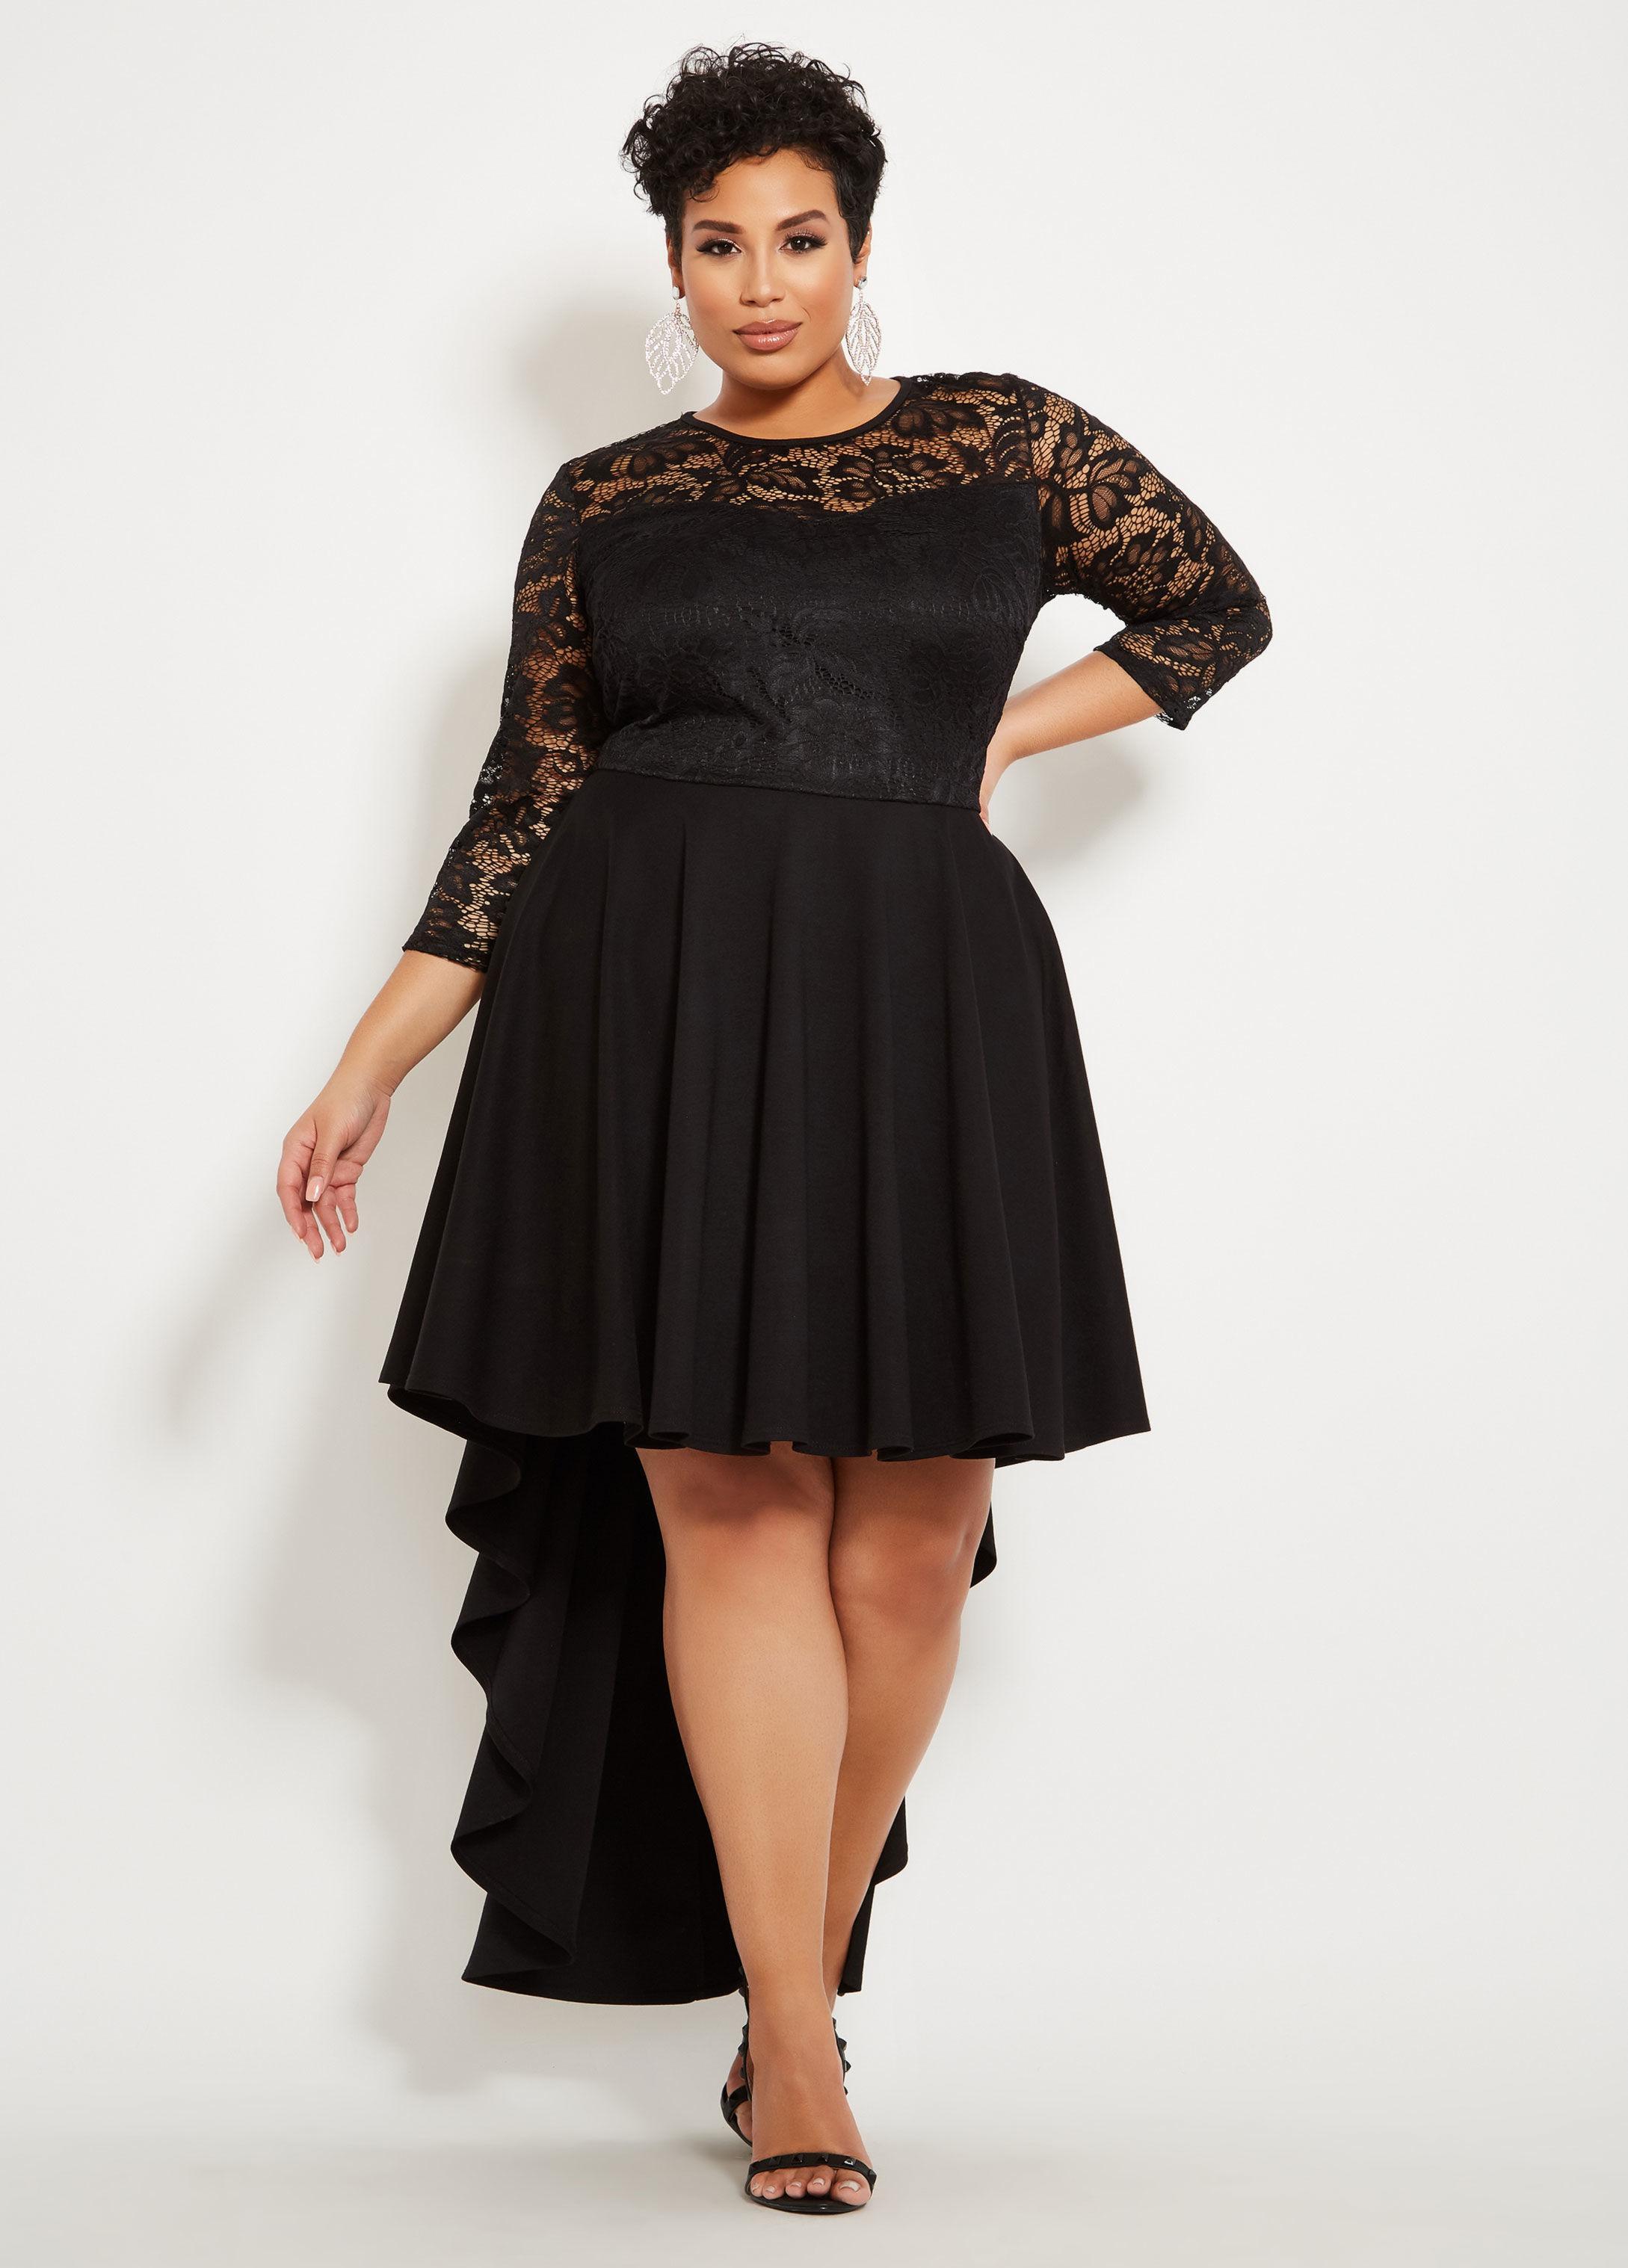 8a2b963ca25 Lyst - Ashley Stewart Plus Size Sweetheart Lace Bodice Dress in Black